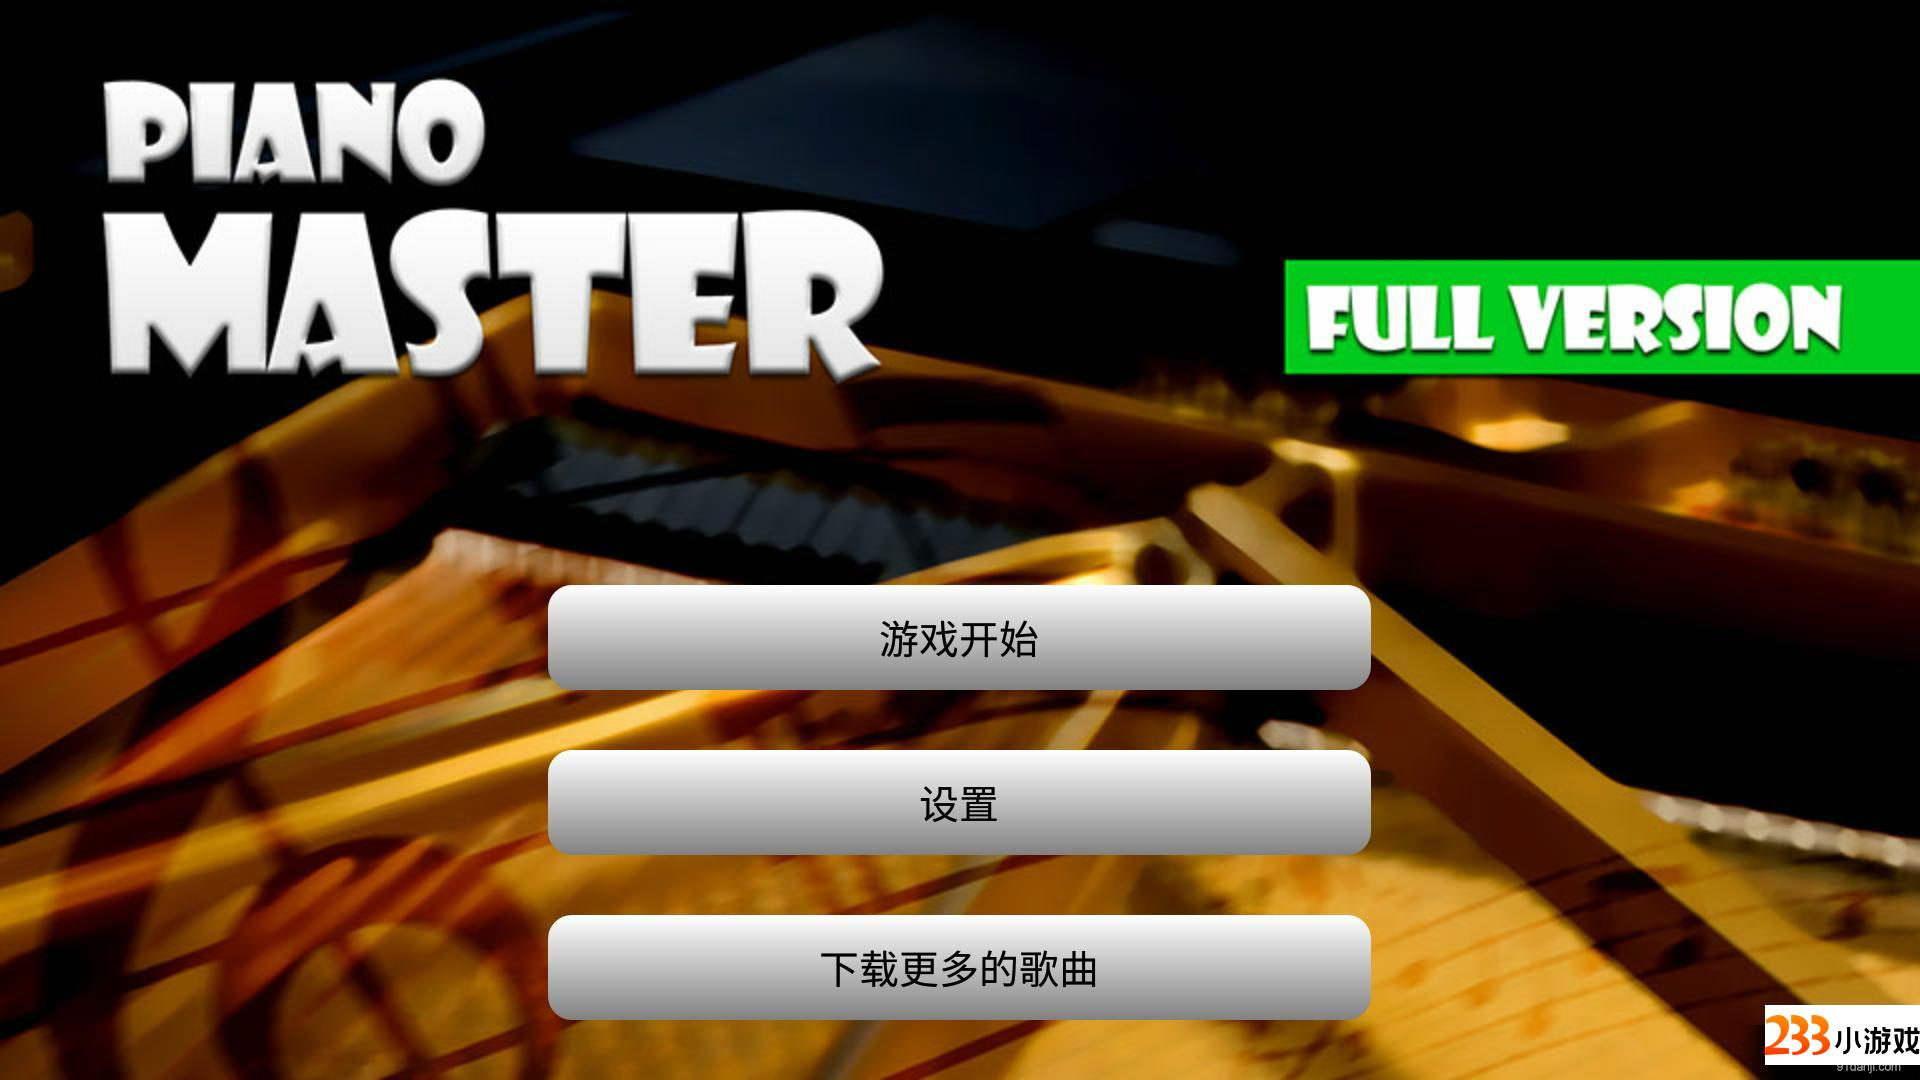 钢琴演奏大师 - 233小游戏